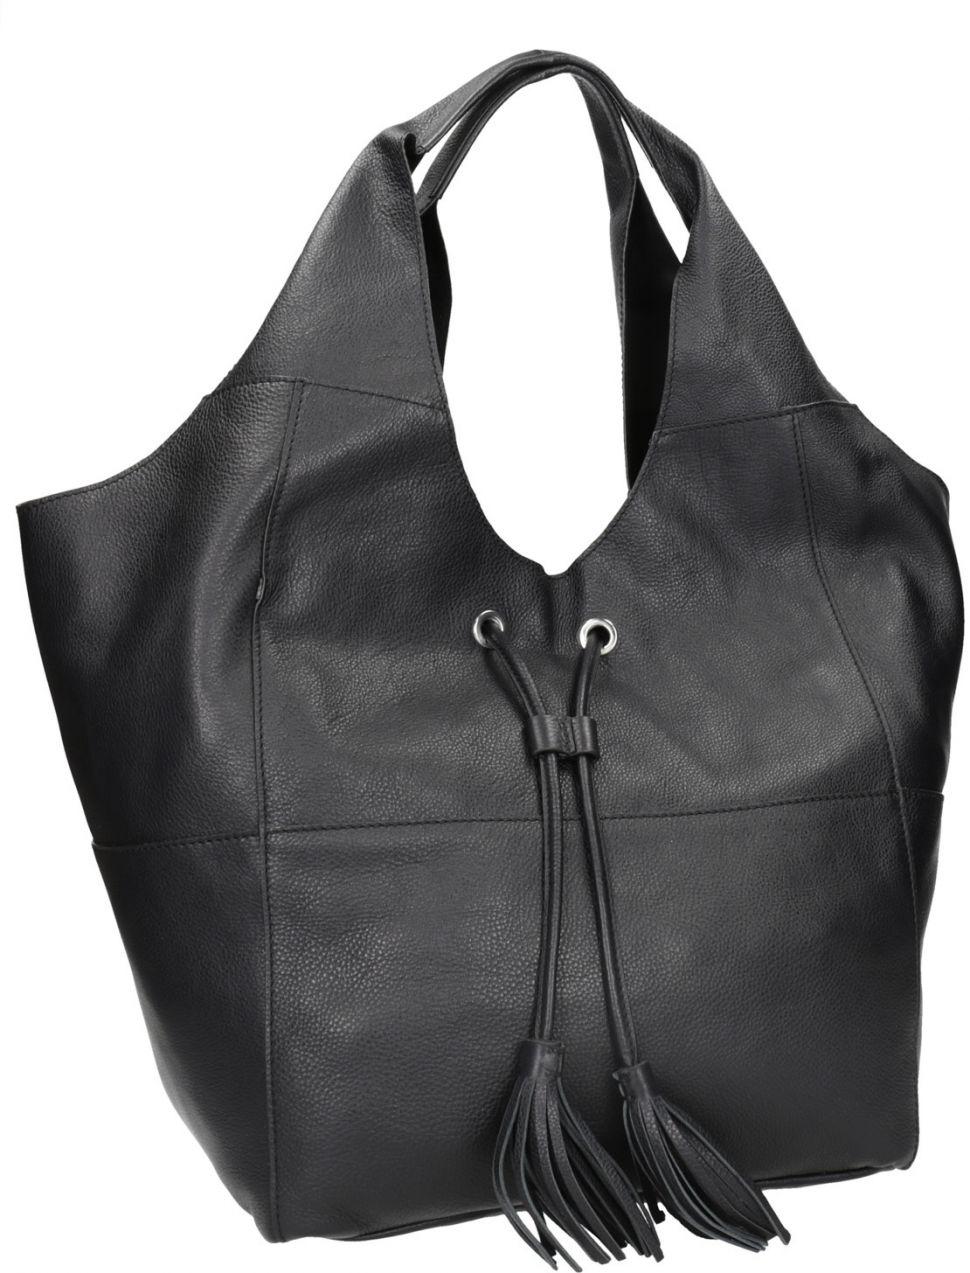 Kožená dámska kabelka so strapcami značky Baťa - Lovely.sk f325edd6307